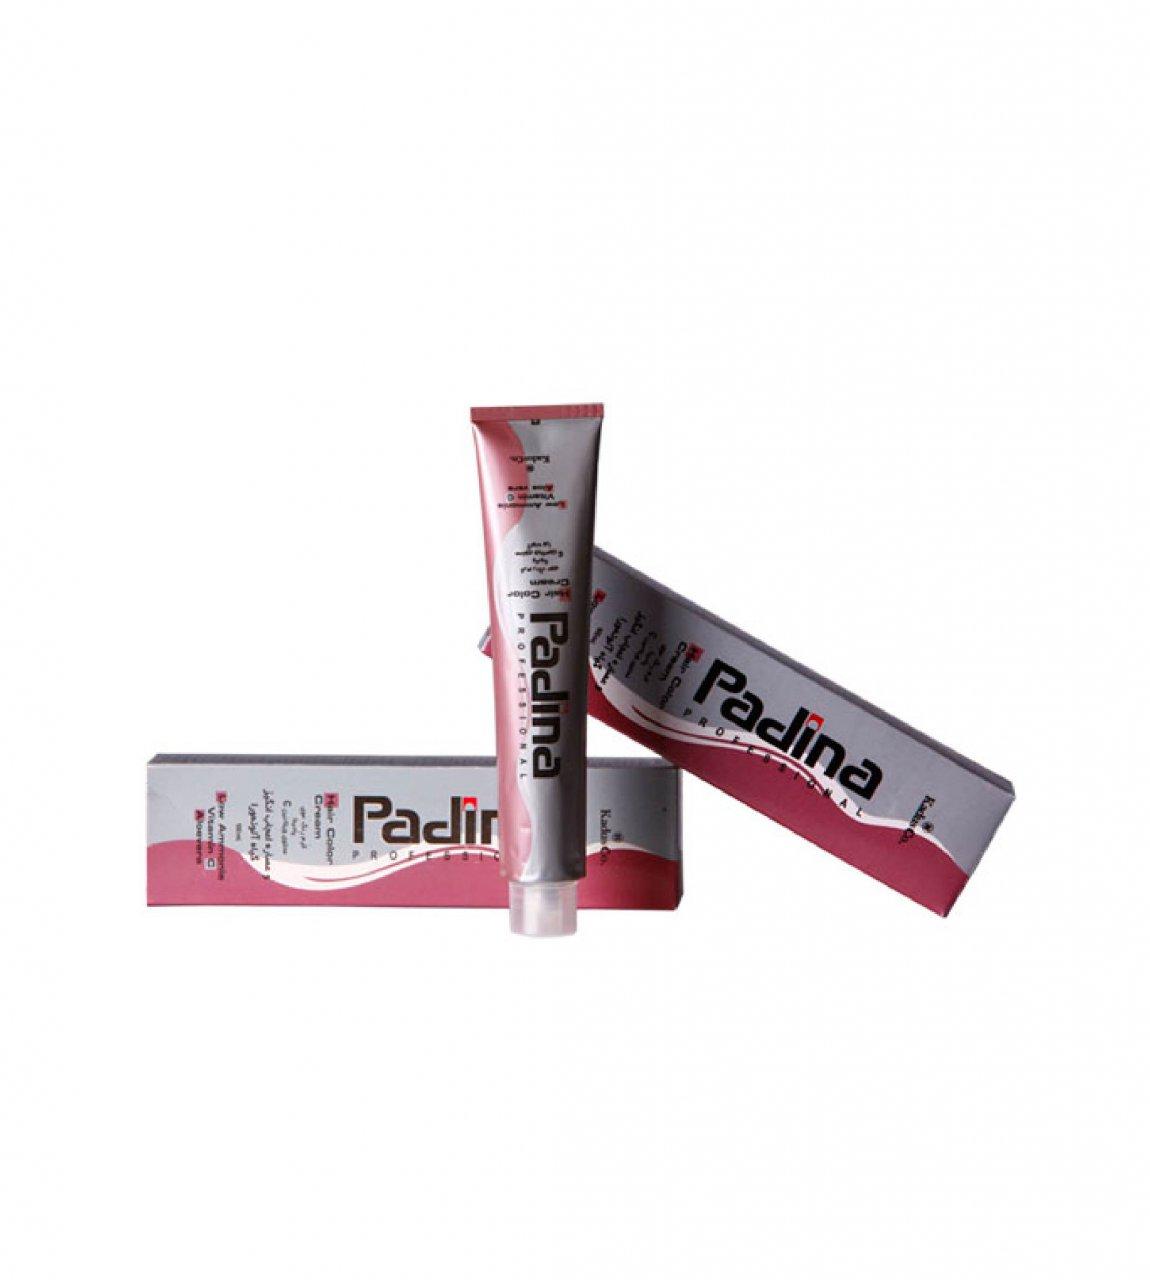 رنگ موی پادینا بلوند خاکستری متوسط A6